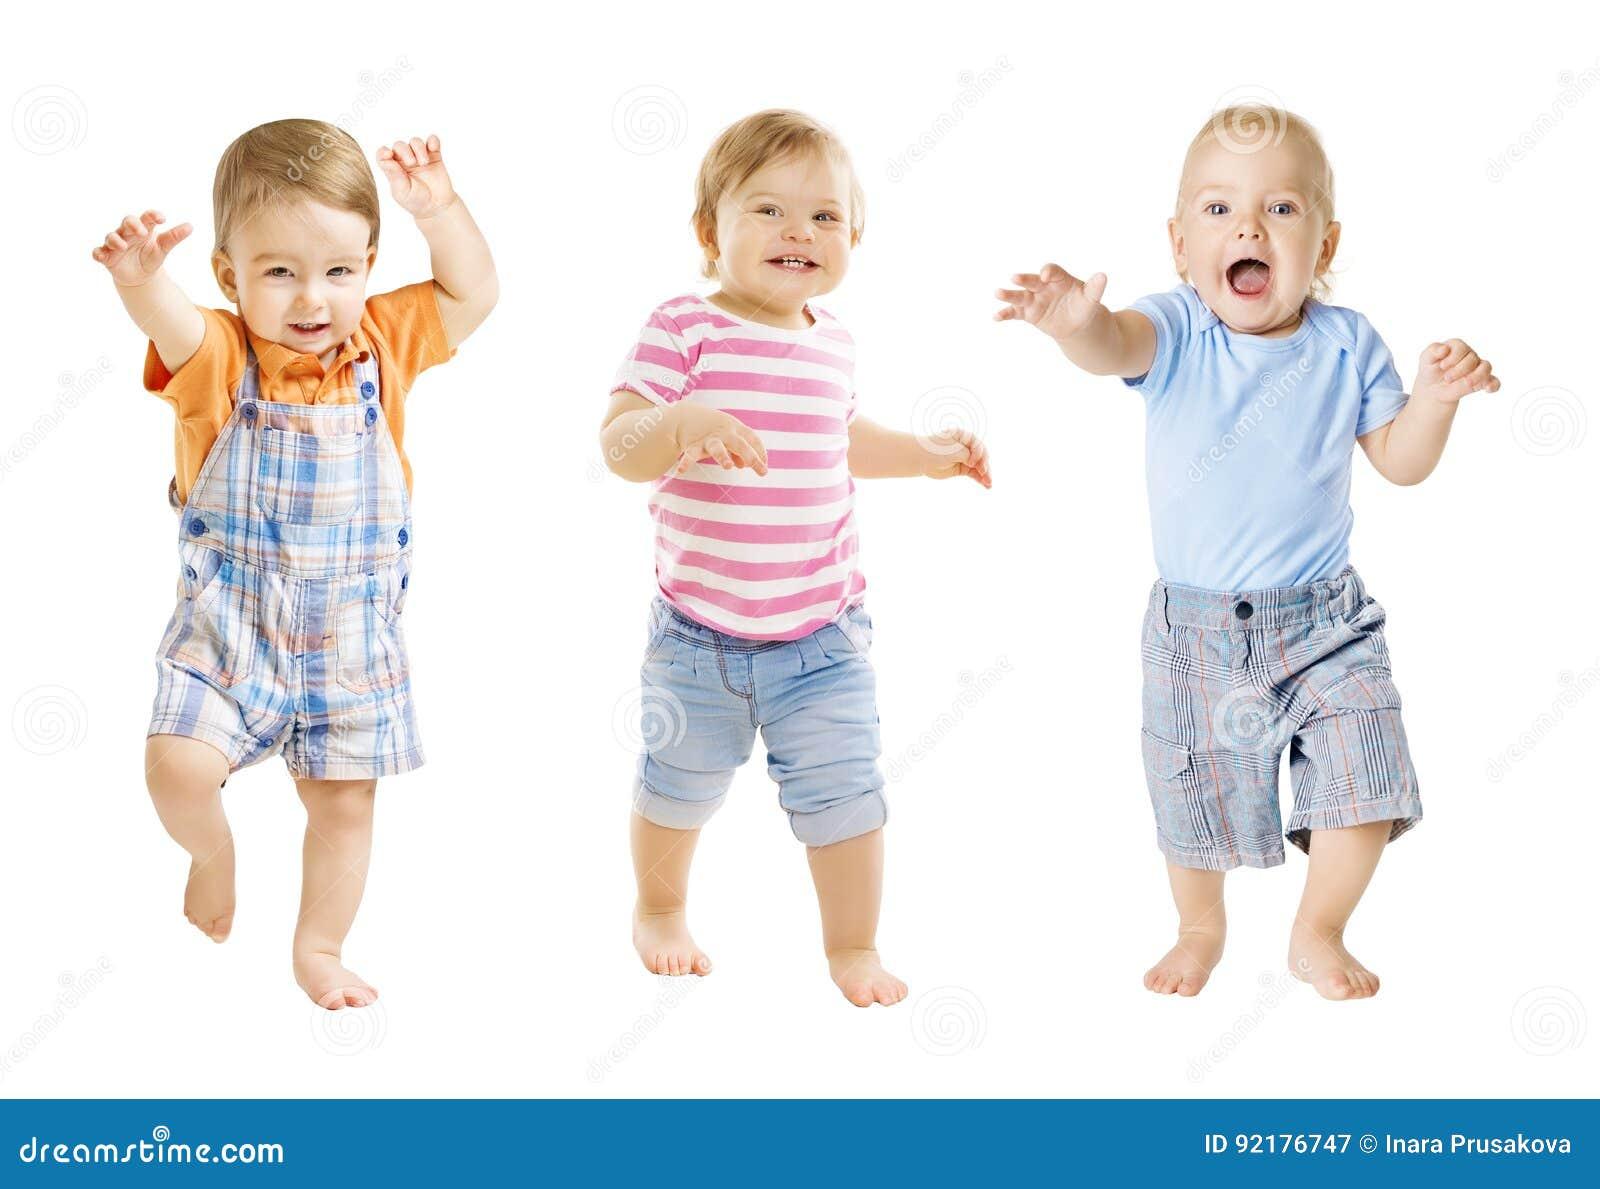 Младенец идет, смешное выражение детей, играя младенцев, белая предпосылка